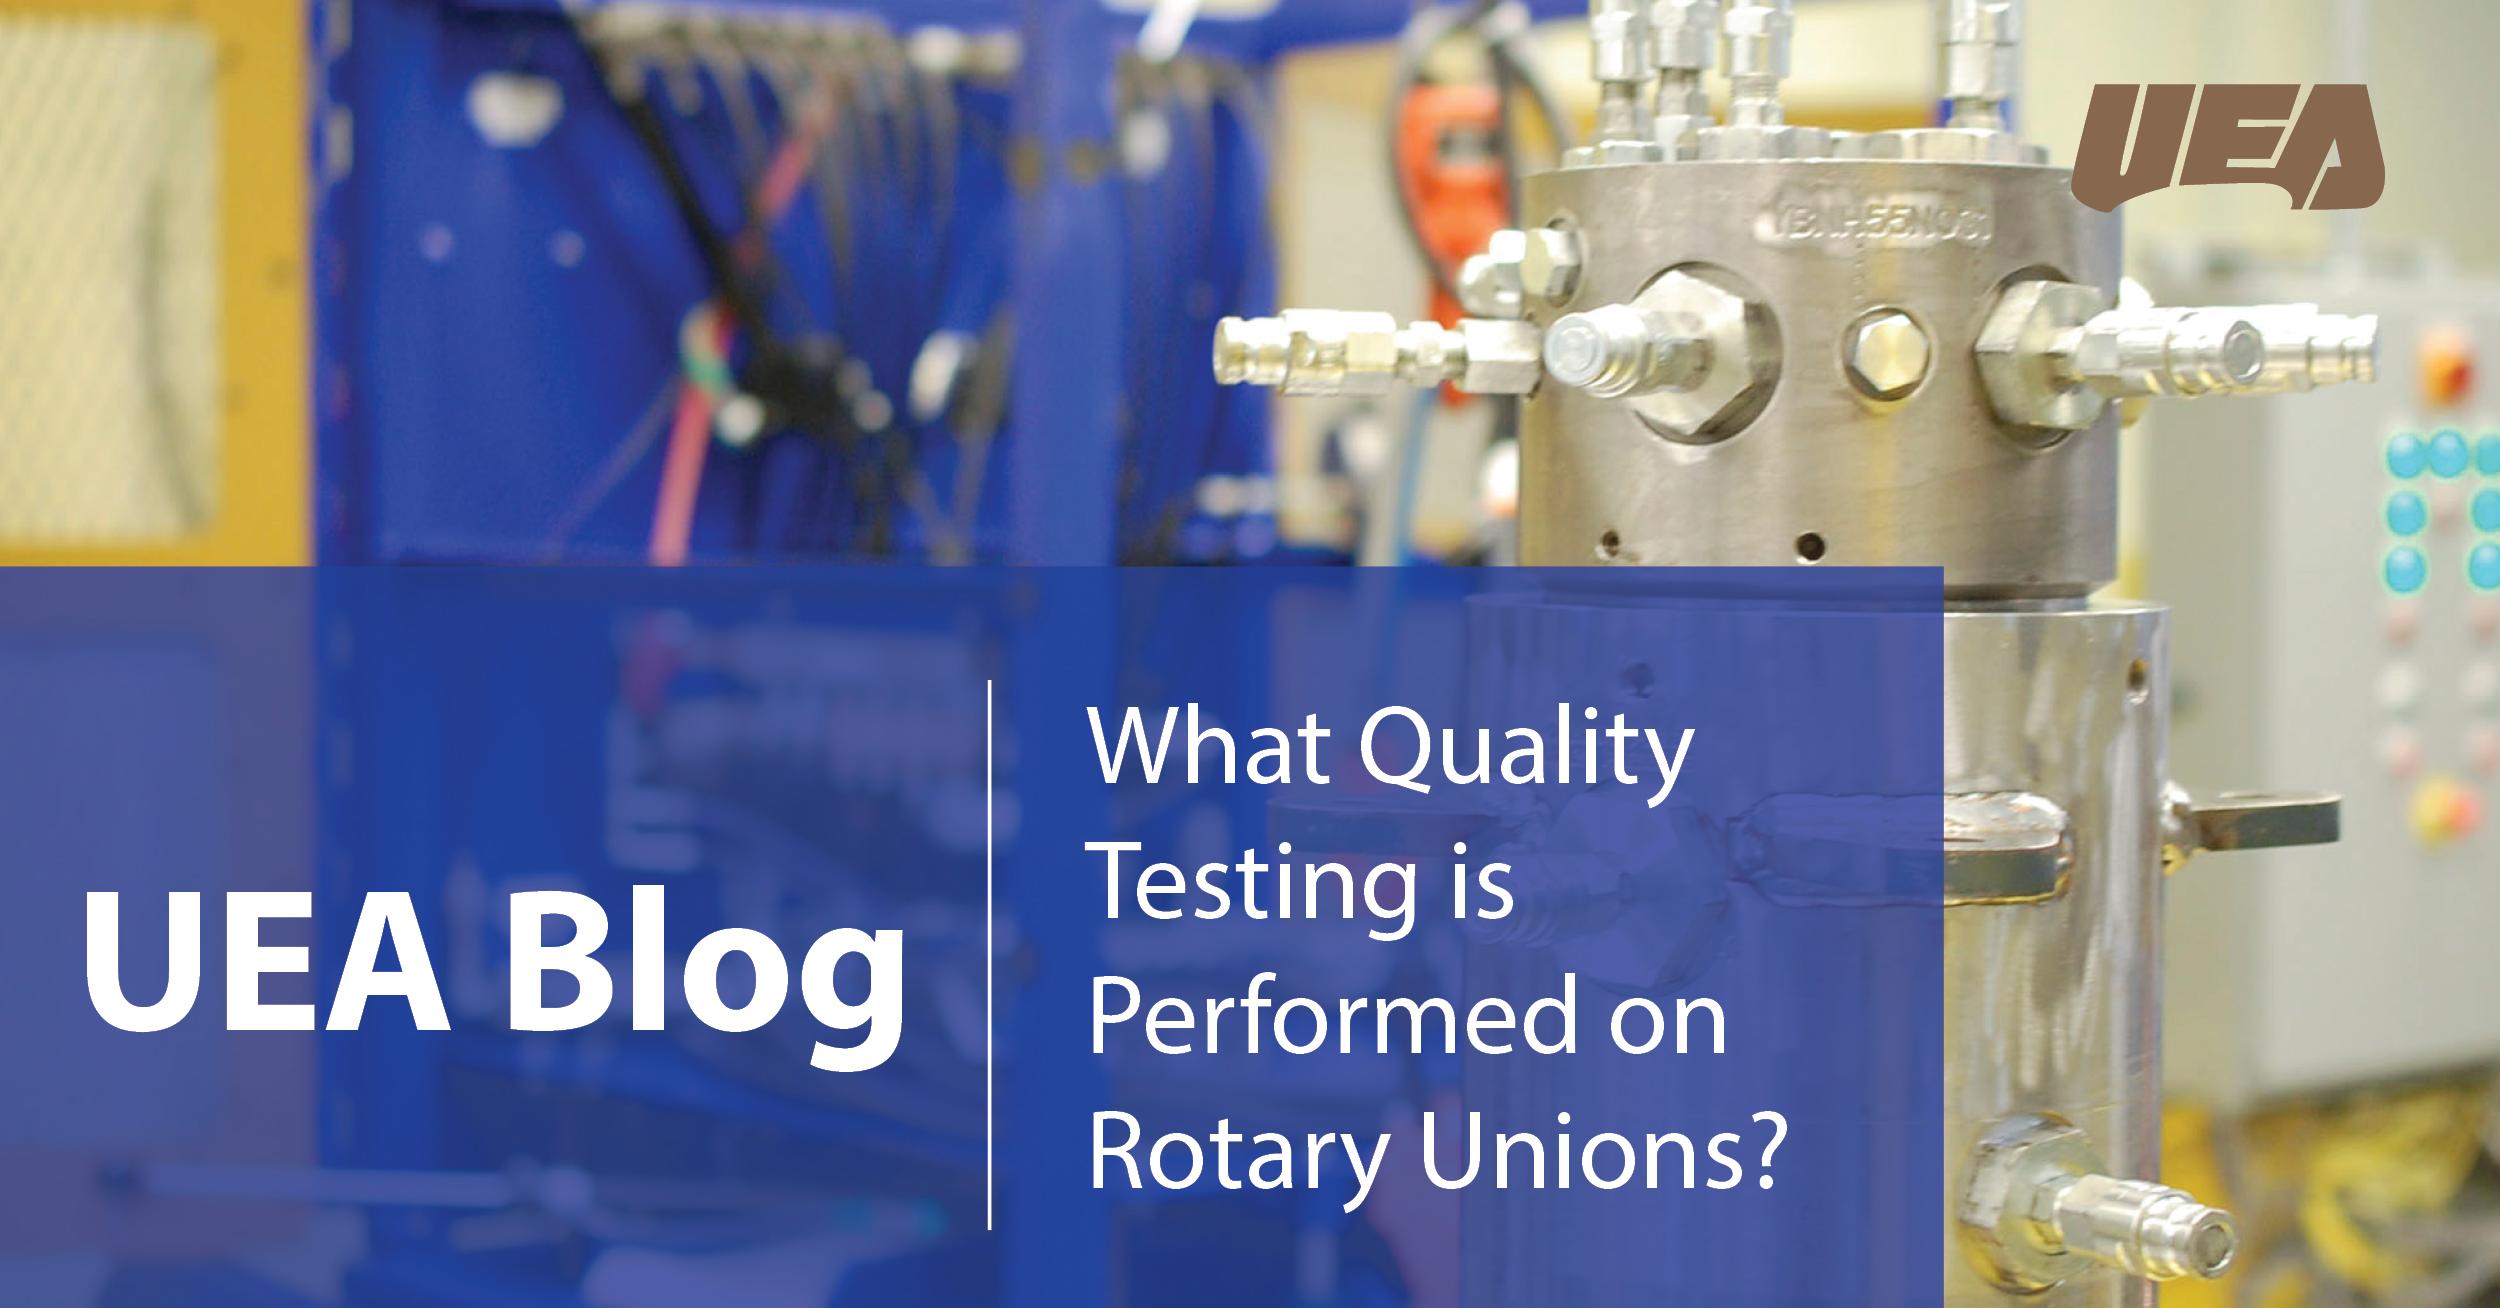 Rotary Union Quality Testing